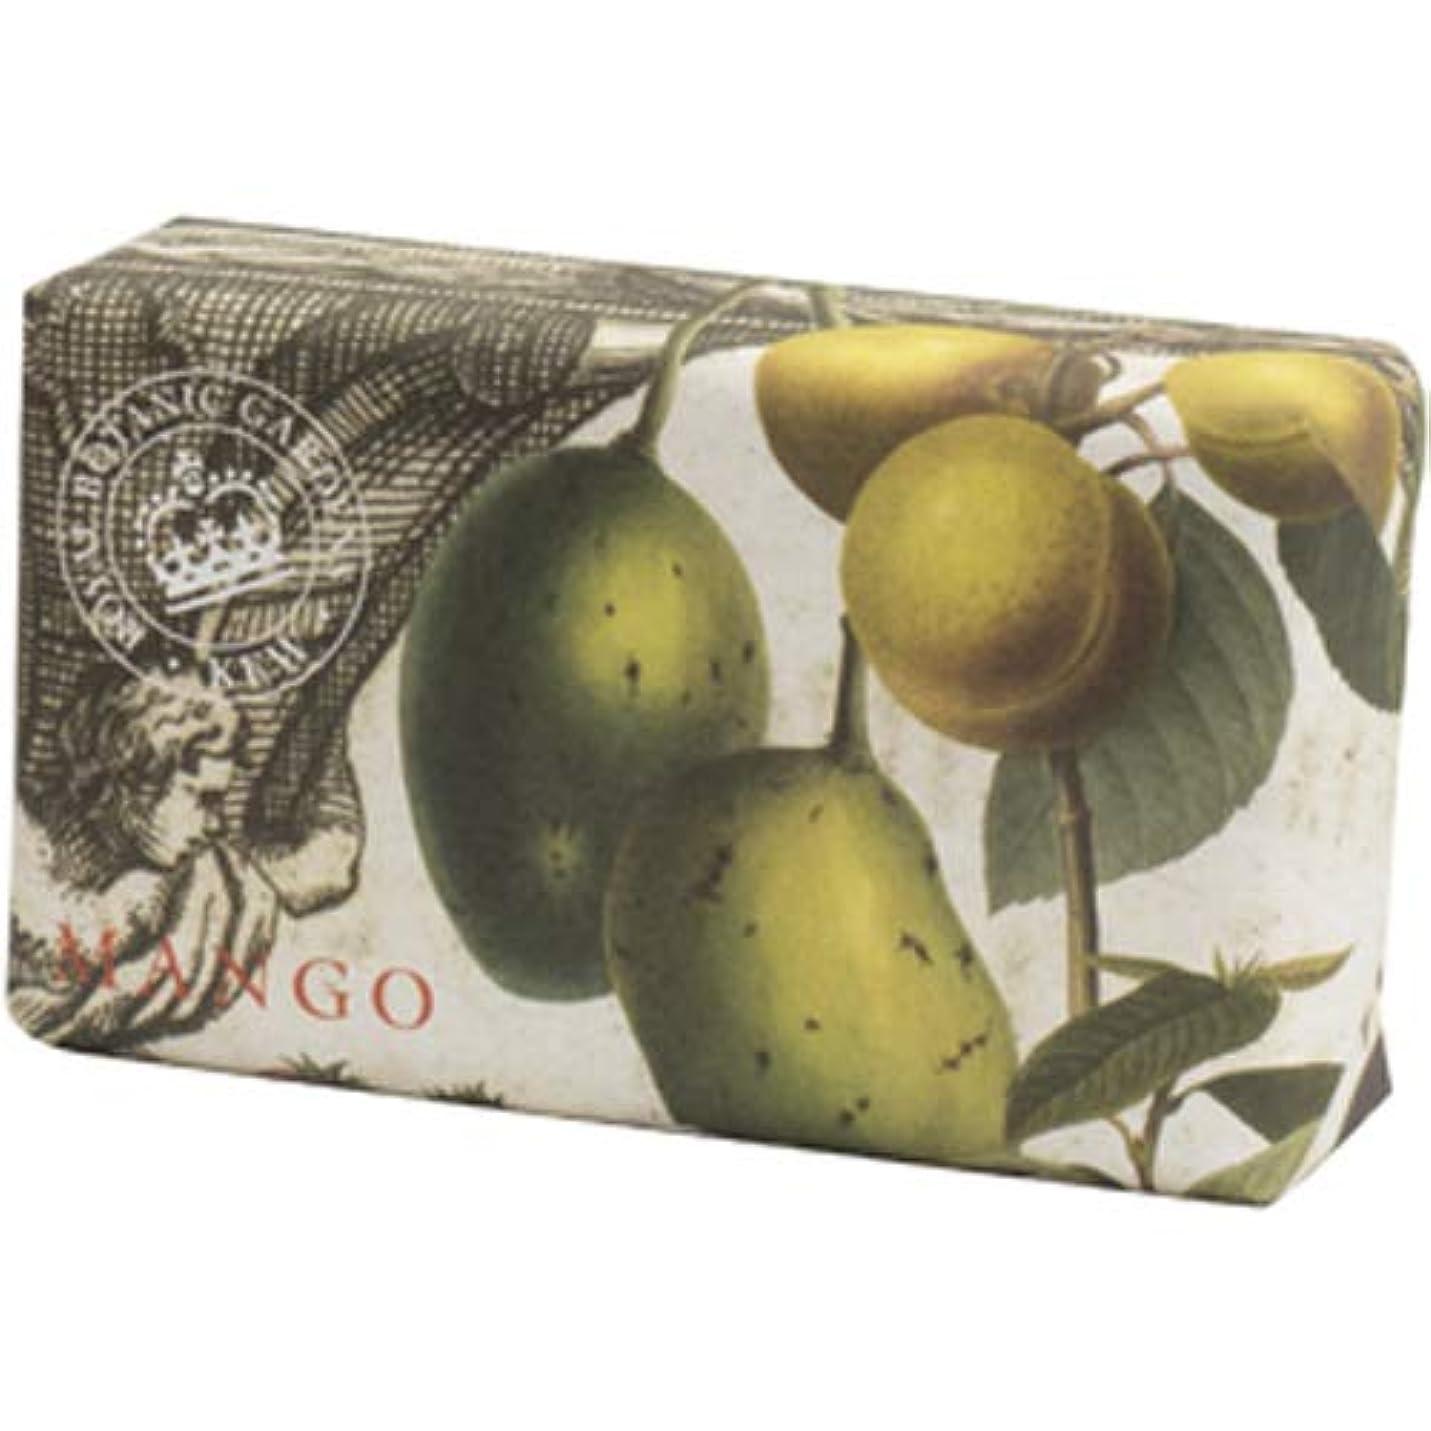 English Soap Company イングリッシュソープカンパニー KEW GARDEN キュー?ガーデン Luxury Shea Soaps シアソープ Mango マンゴー